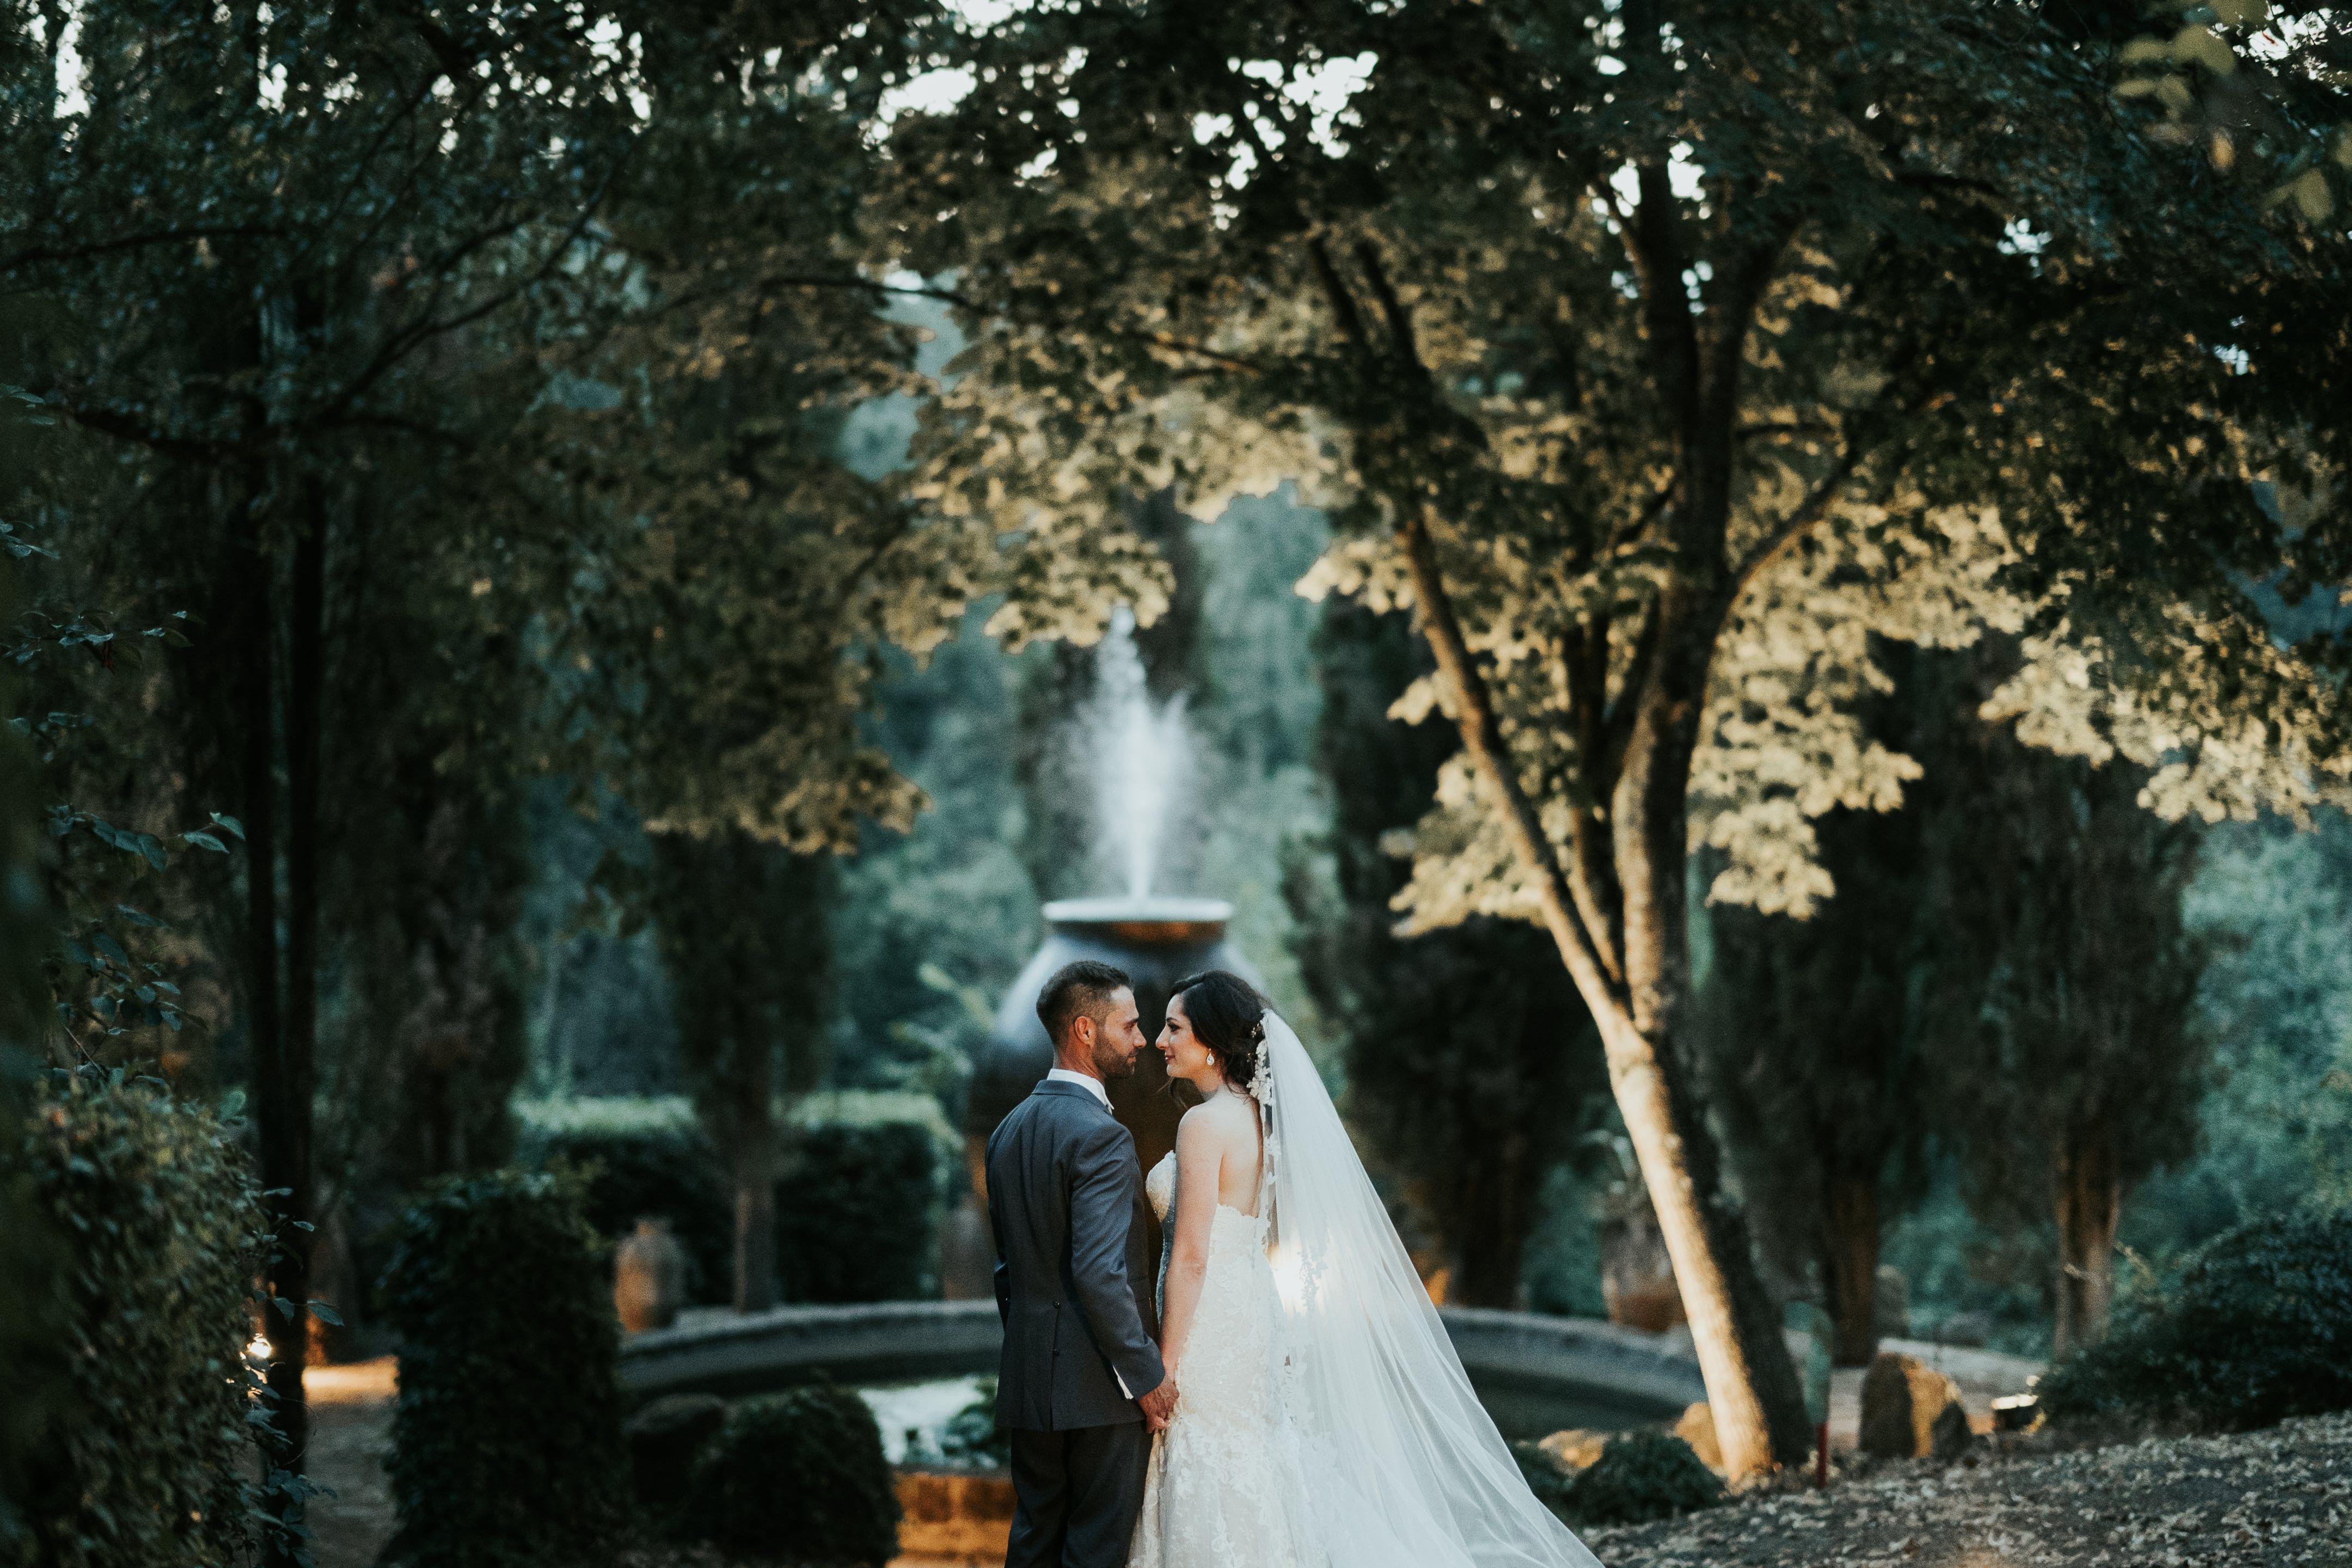 Matrimonio A Roma Le 7 Fonti Location Le 7 Fonti Sposo Gennaro Sposa Monica Fotografo Emiliano Allegrezza Www Emi Real Weddings Wedding Wedding Dresses